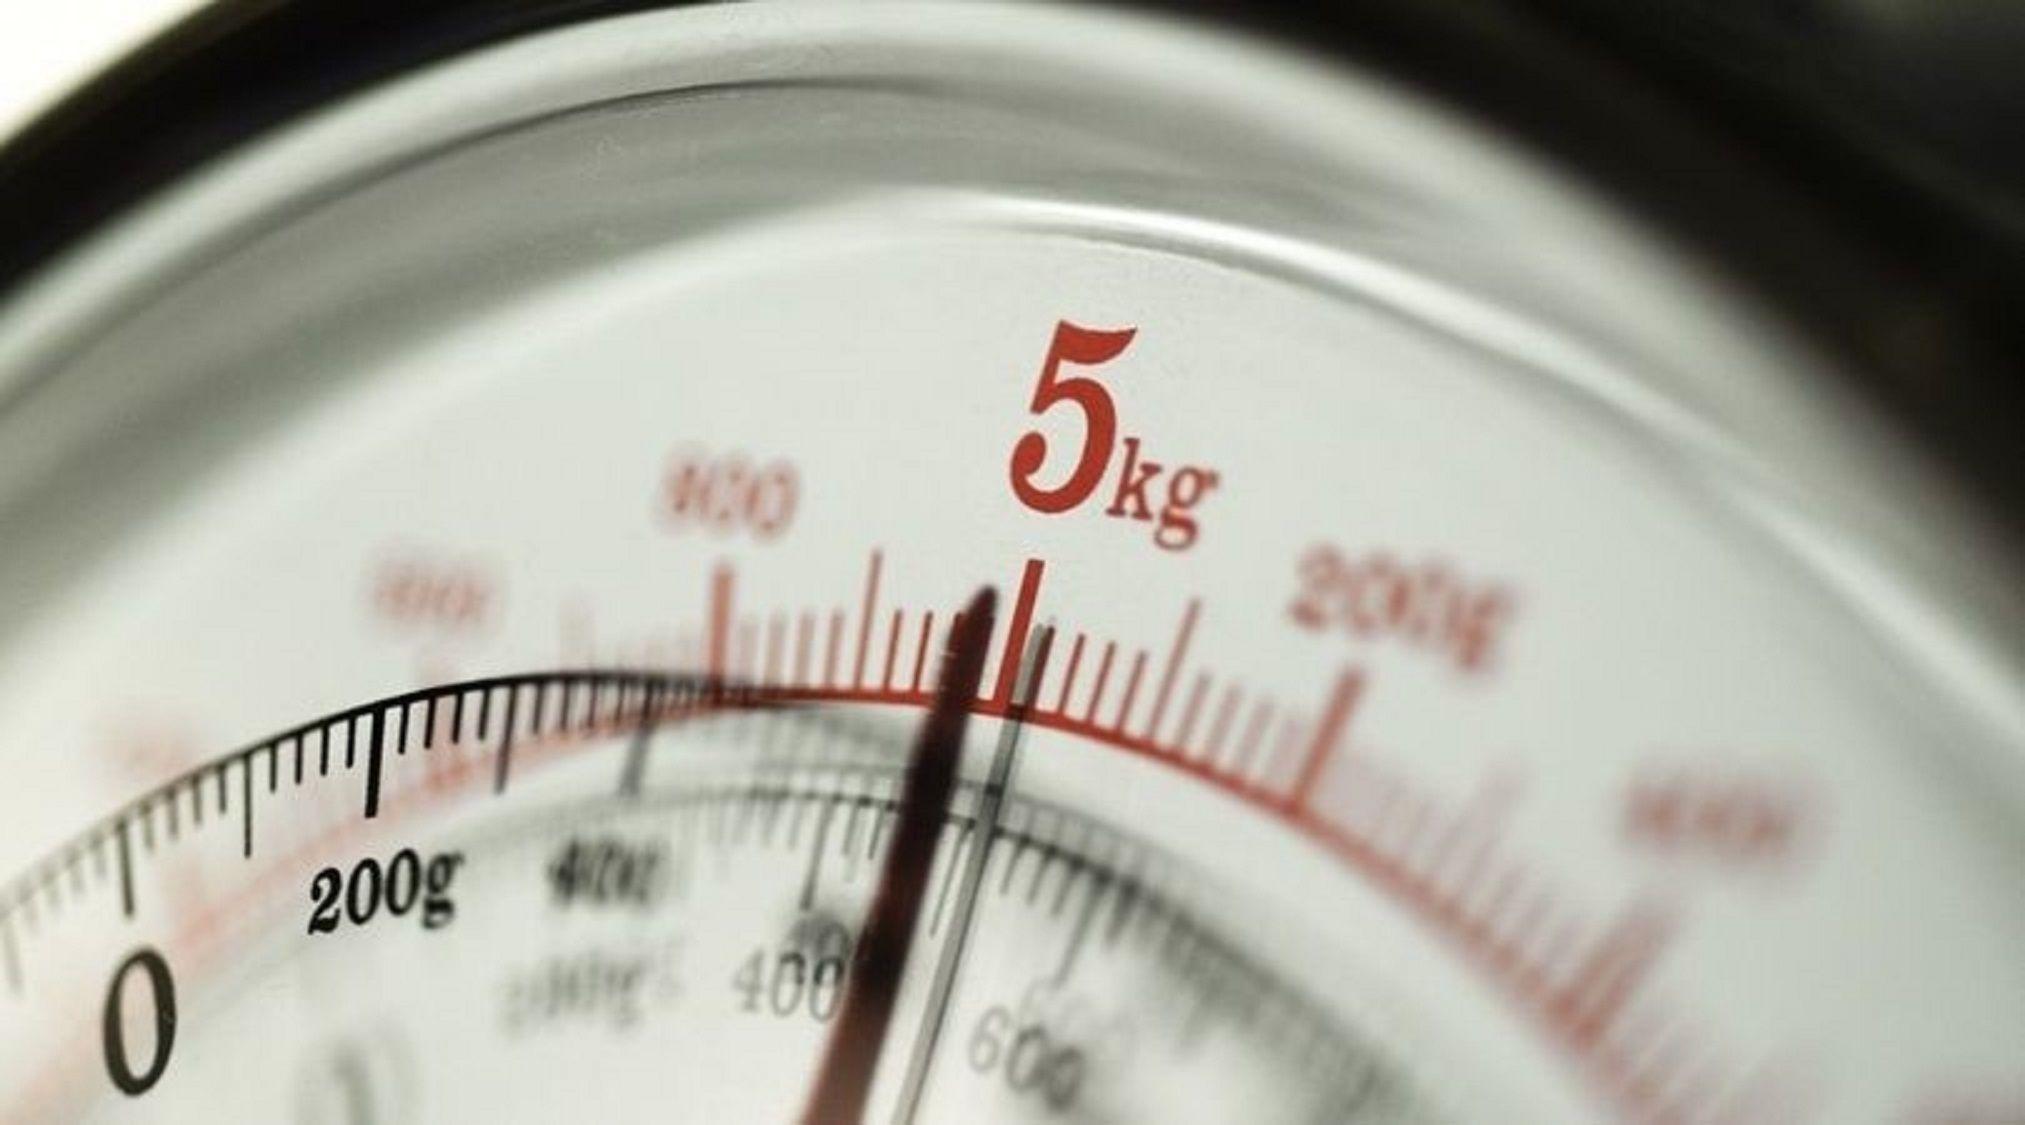 Un kilo deja de ser un kilo: desde este lunes cambia la definición